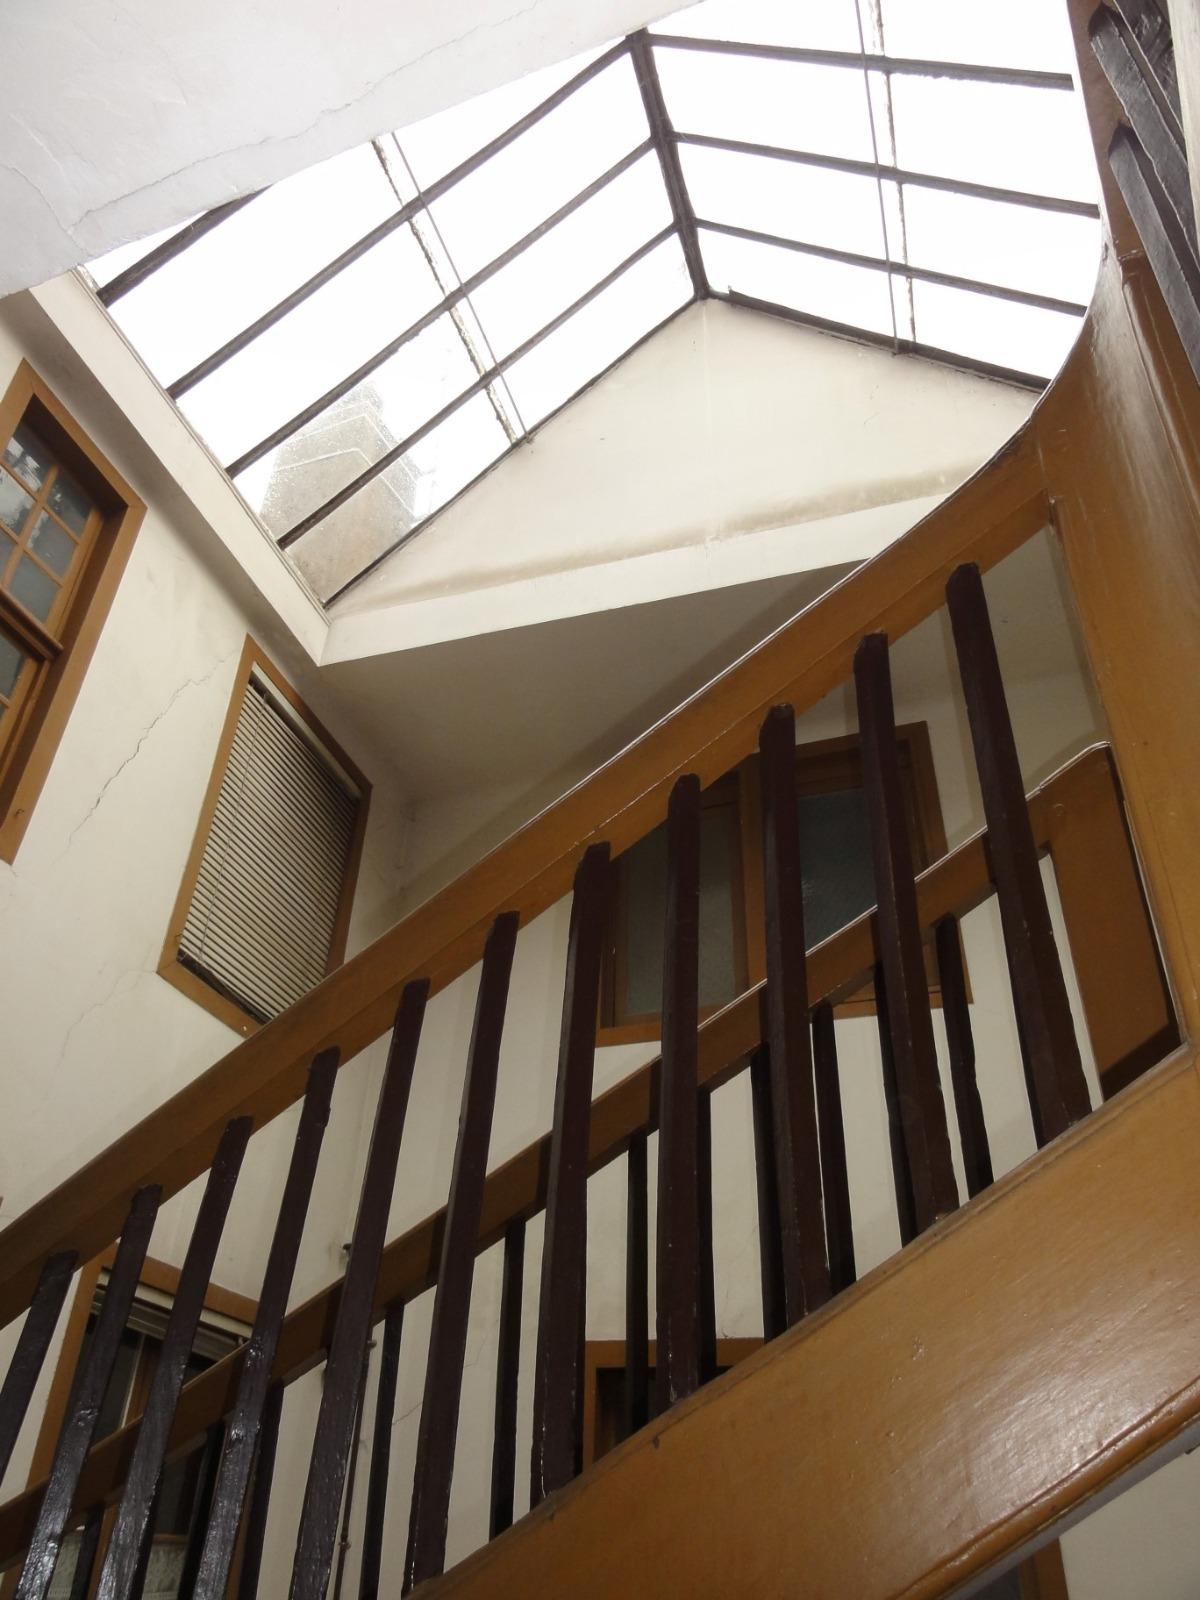 grand 2 pi ces centre de bayonne immobilier maison en vente ou loc bayonne avec era foch. Black Bedroom Furniture Sets. Home Design Ideas